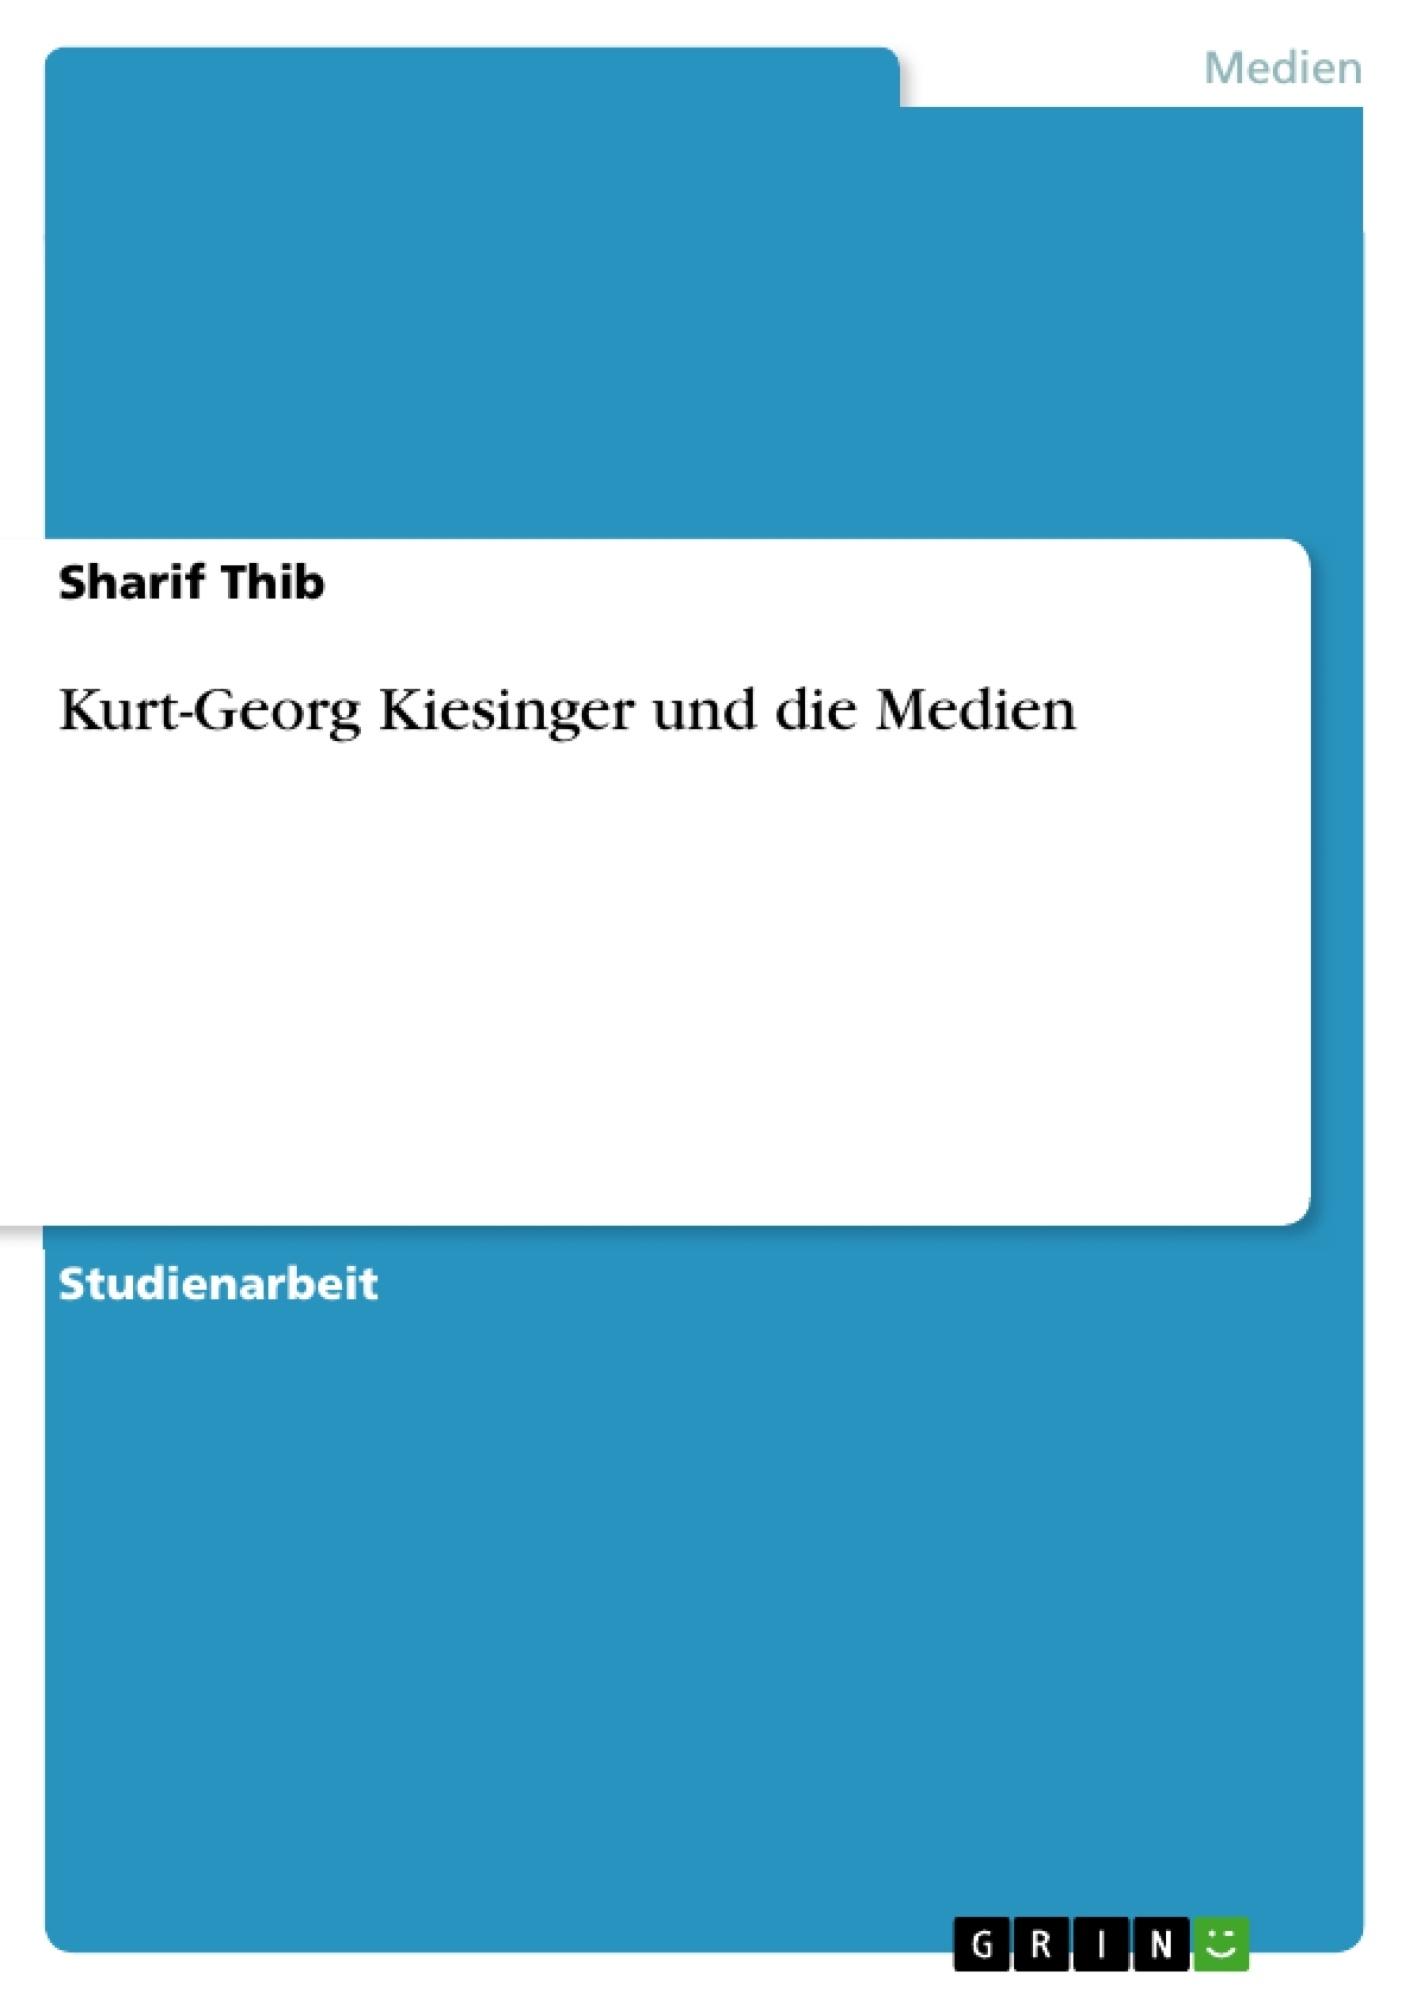 Titel: Kurt-Georg Kiesinger und die Medien